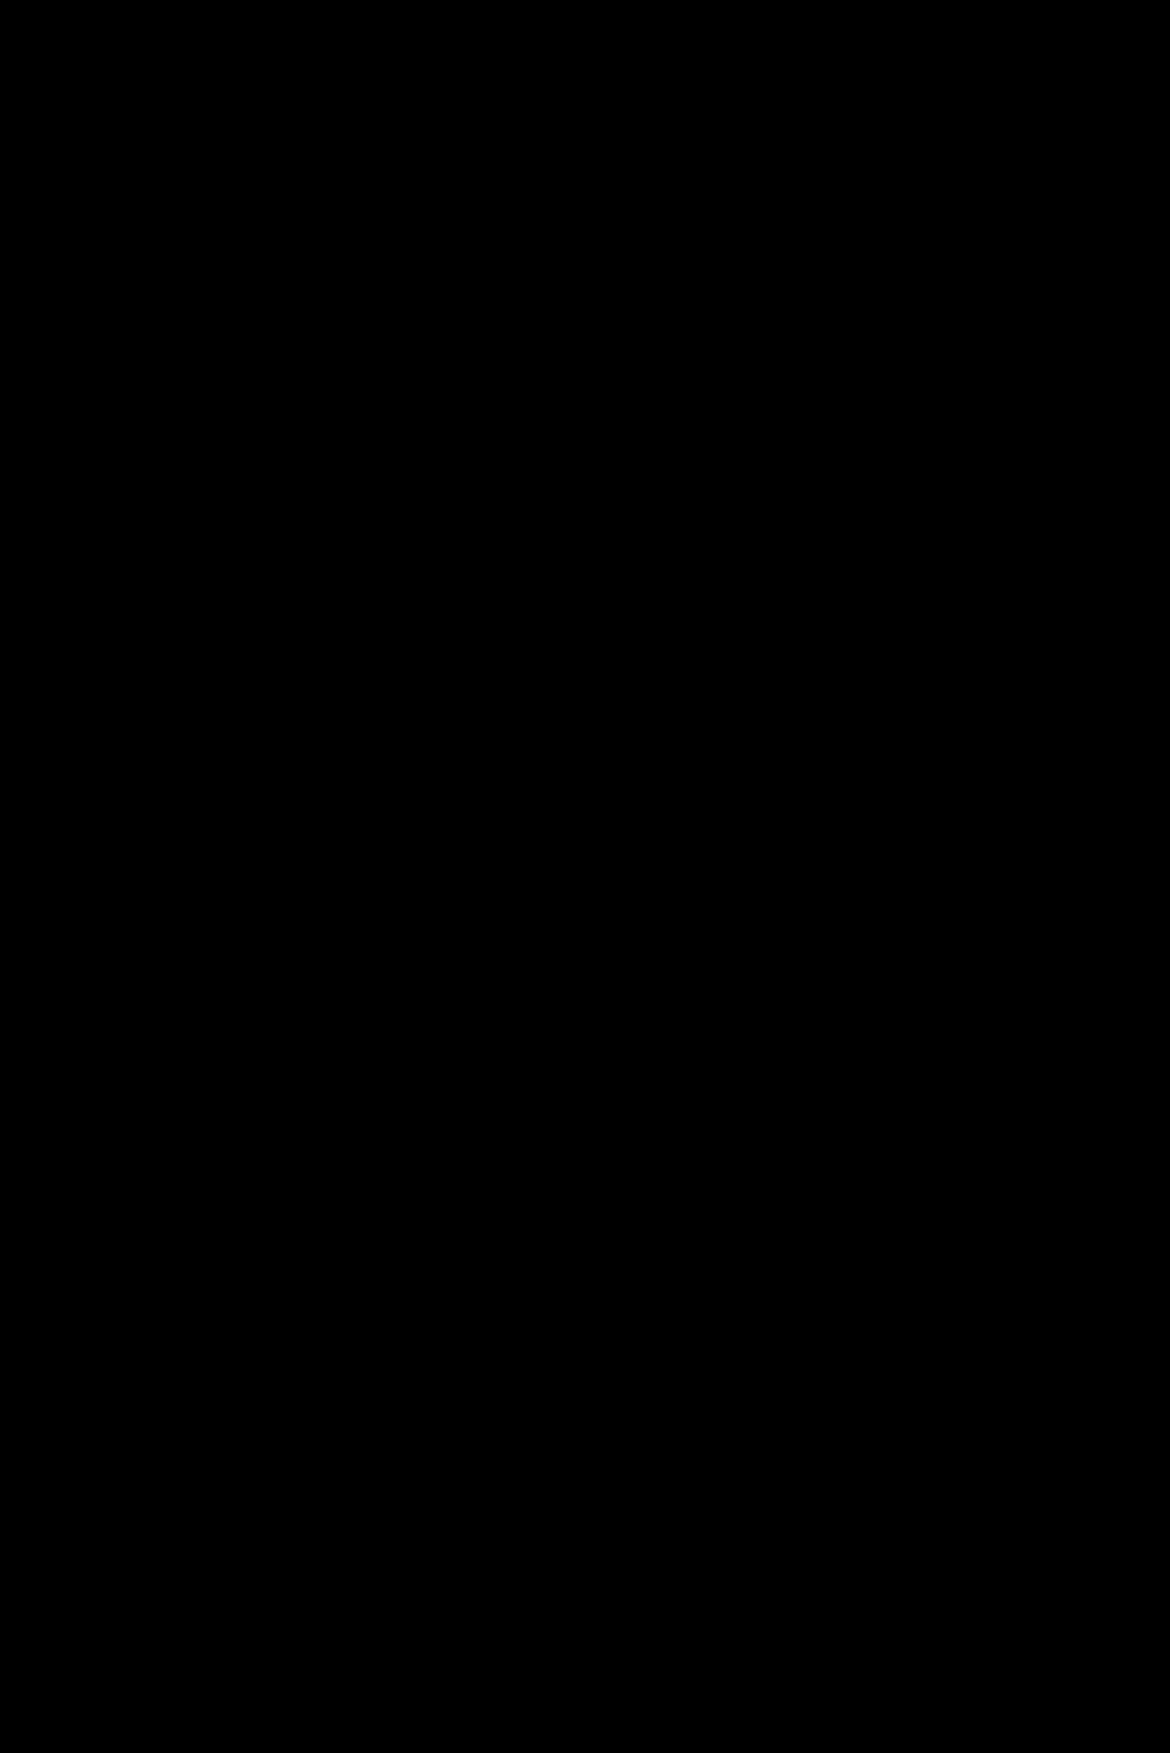 Visitare Positano: Come arrivare, cosa vedere, dove dormire e mangiare by Laura Comolli - Hotel Poseidon Positano